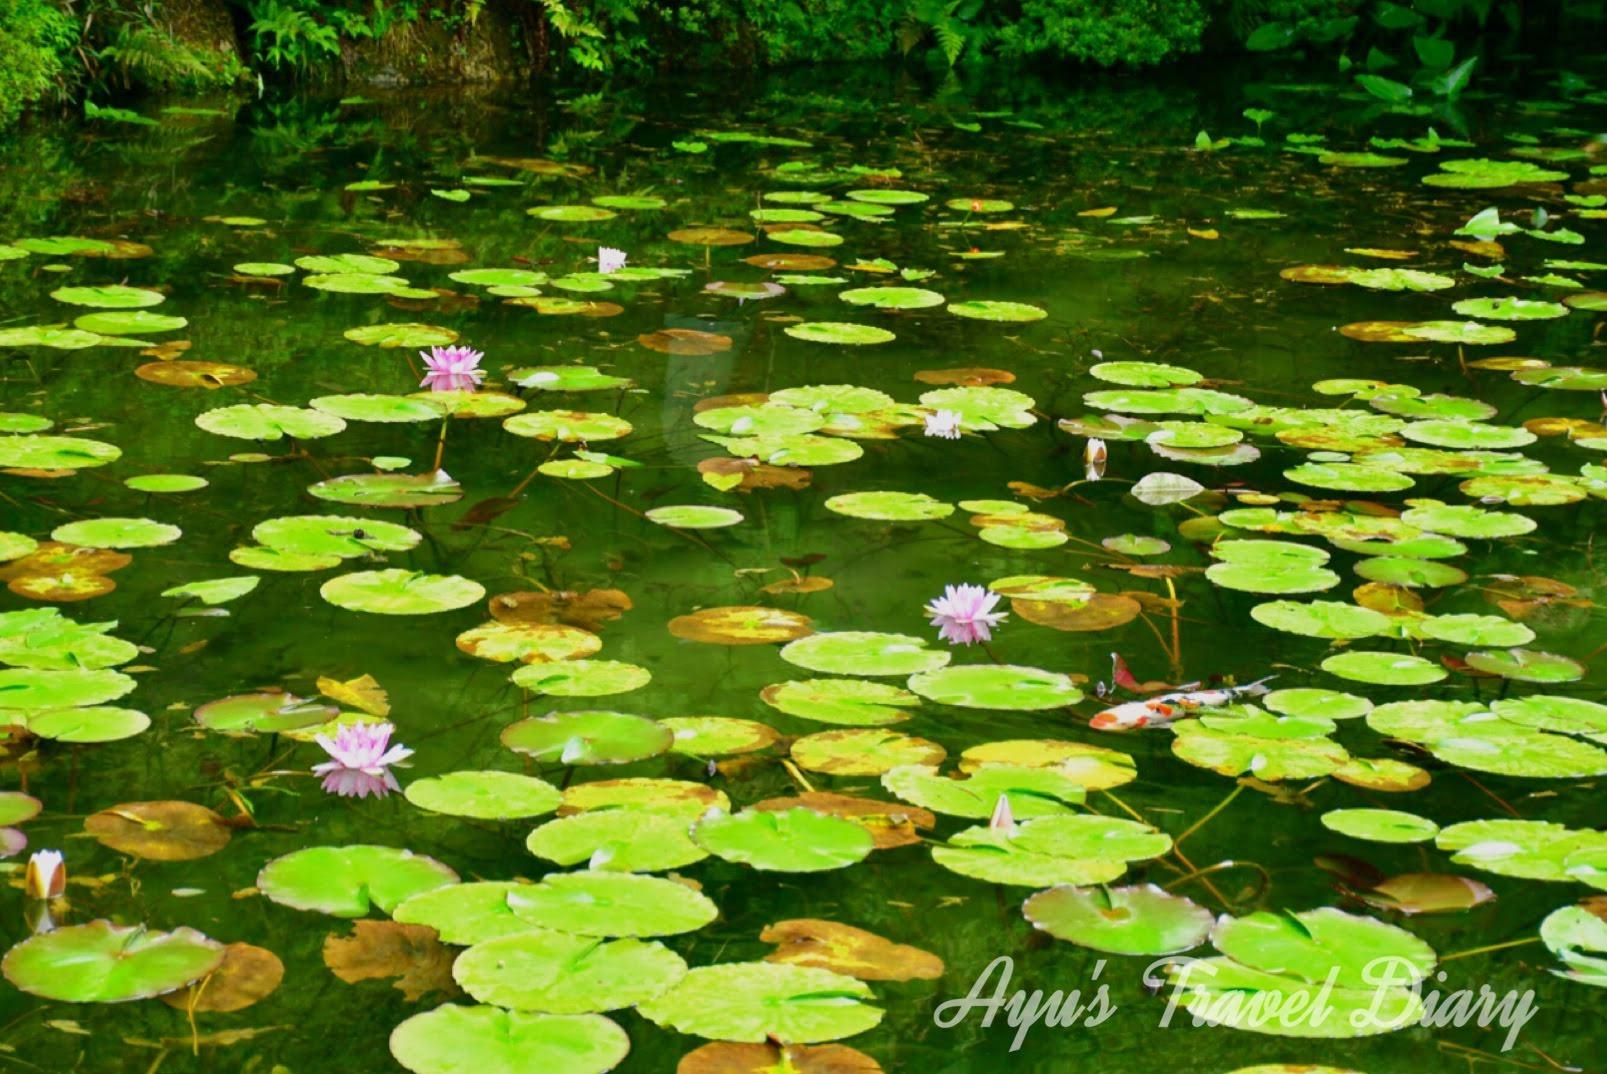 幻想的な景色に感動。睡蓮の池=「モネの池」